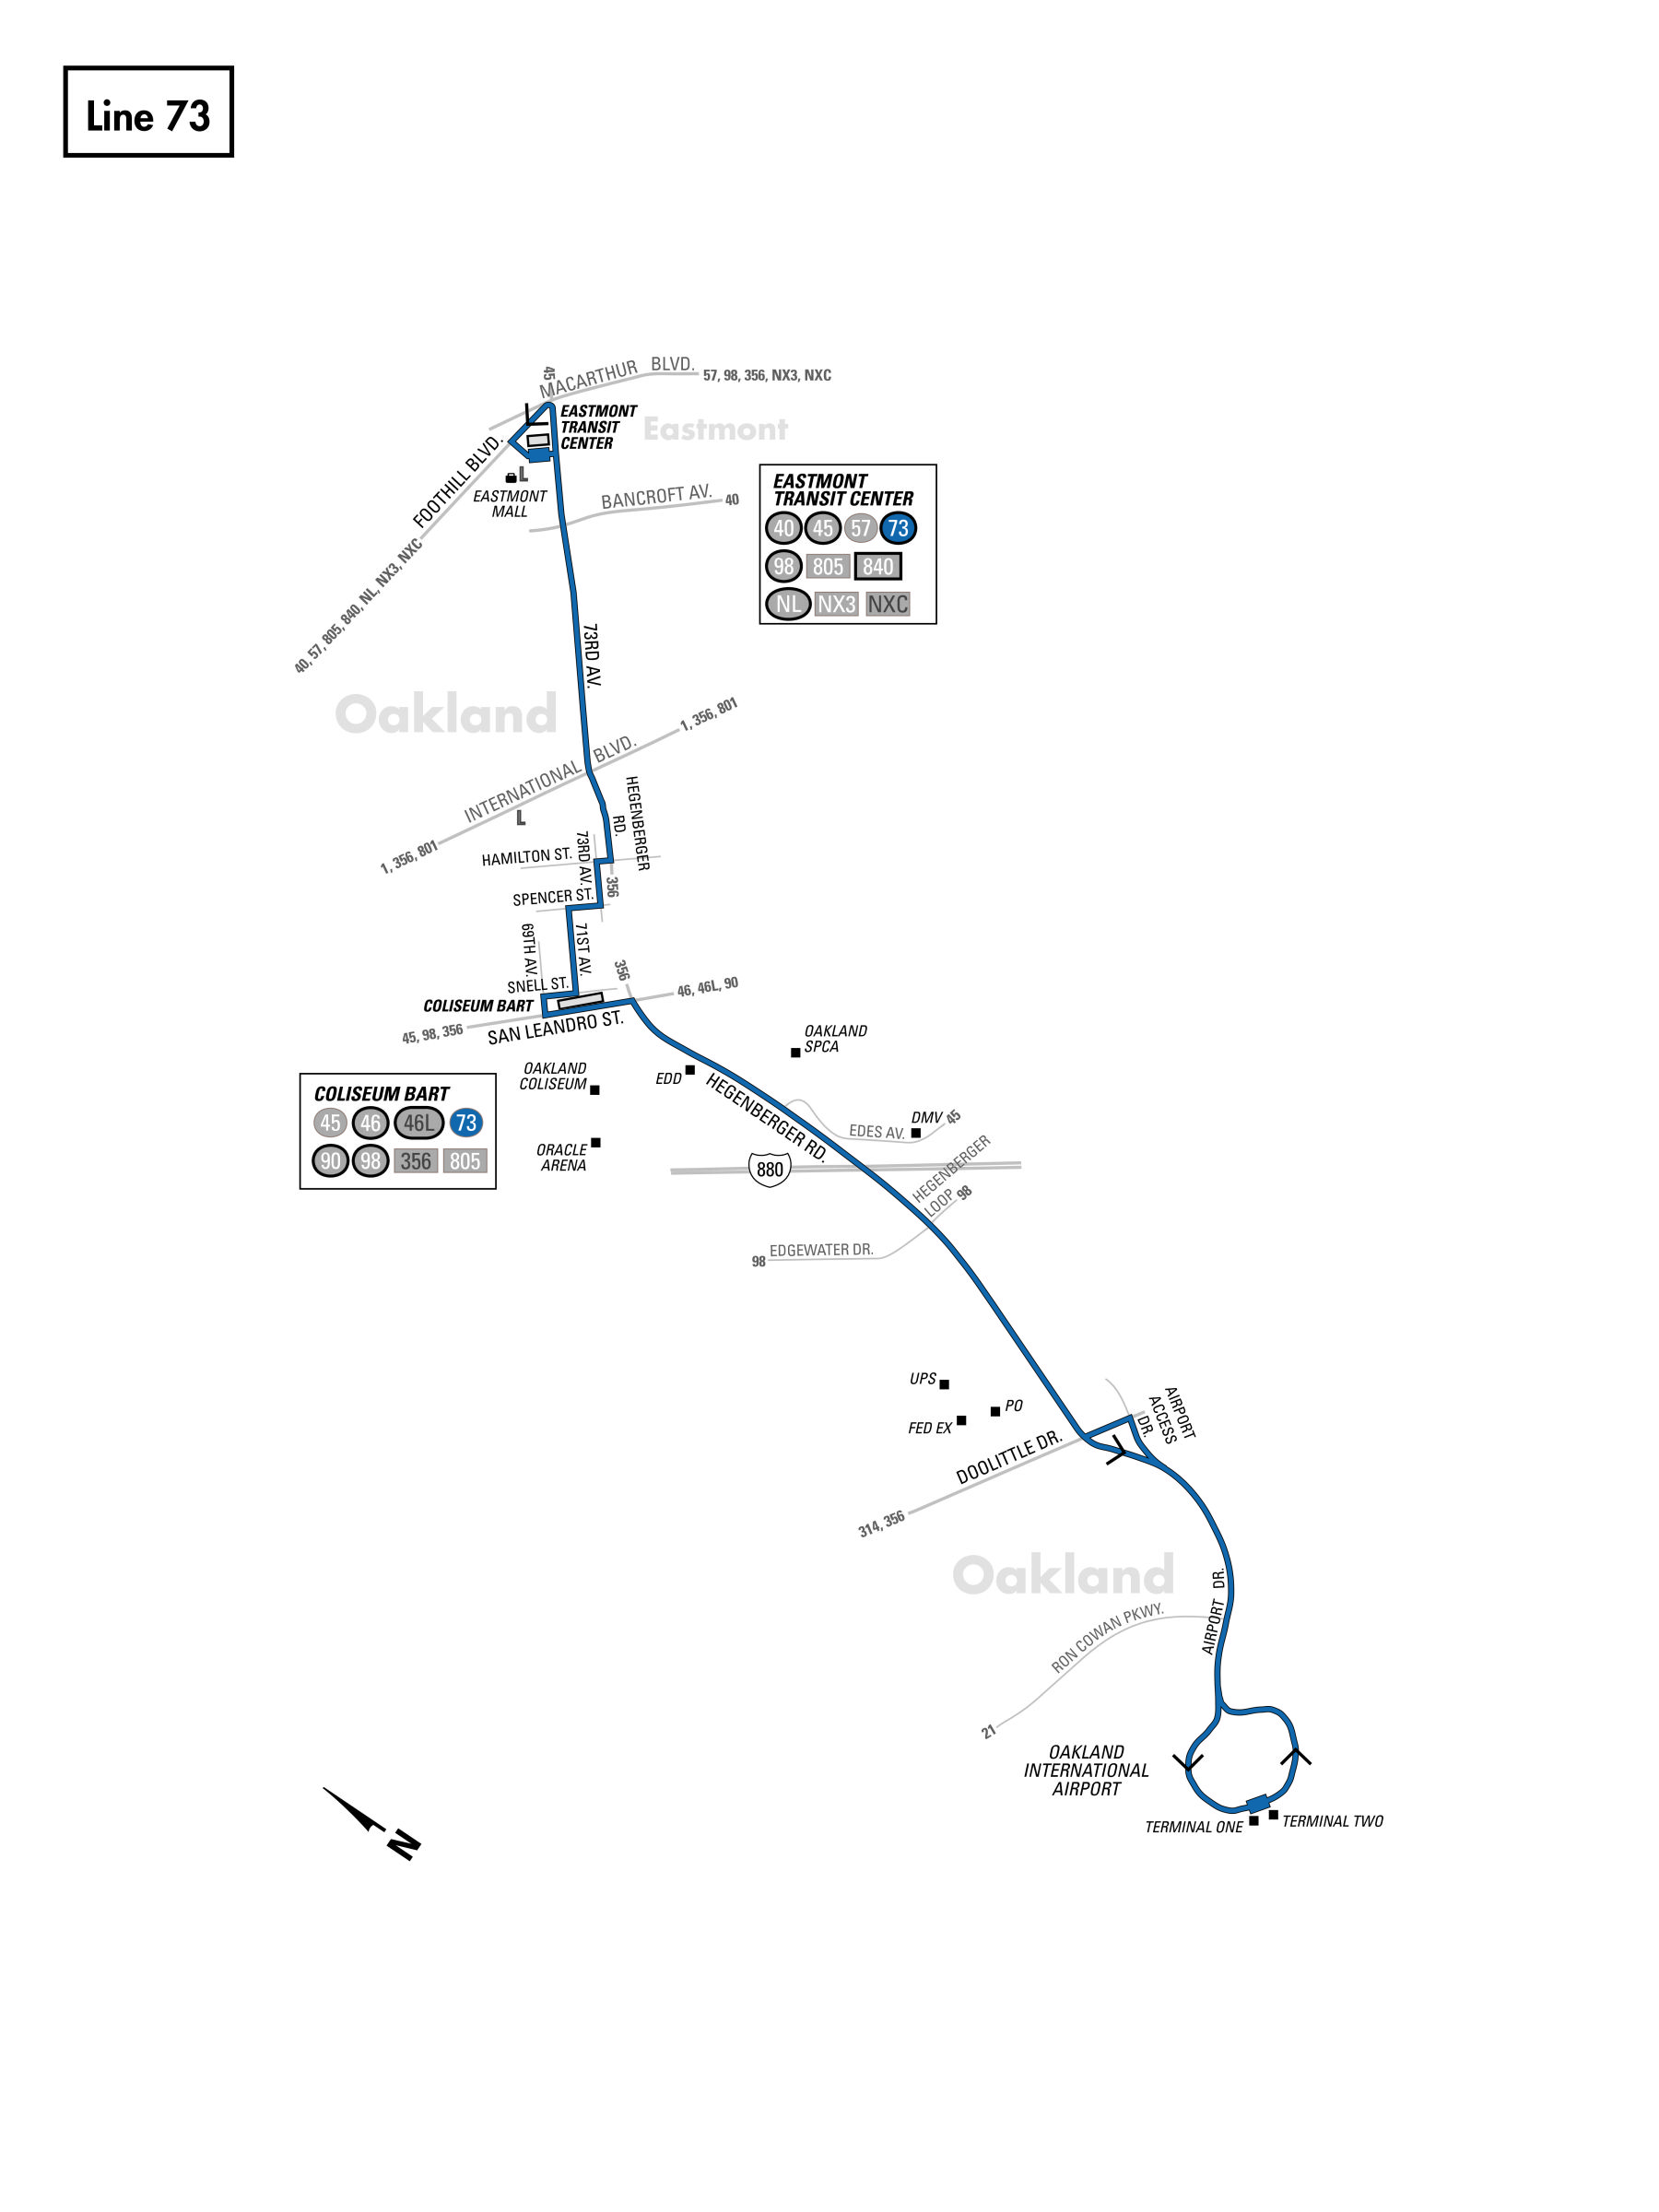 73 Bus Route Ac Transit Sf Bay Transit